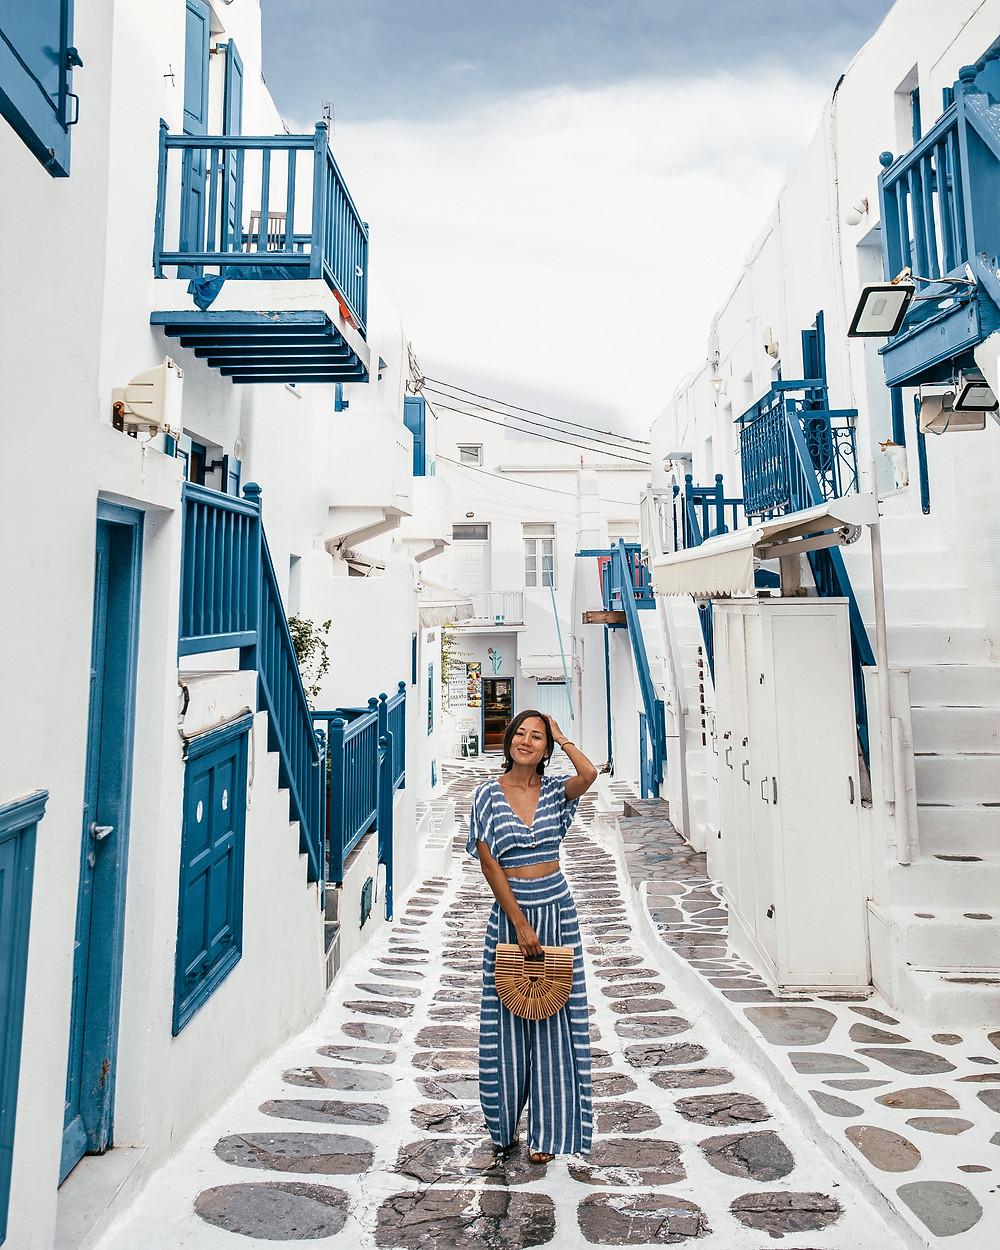 Little Venice, Mykonos Iconic Street, Greece